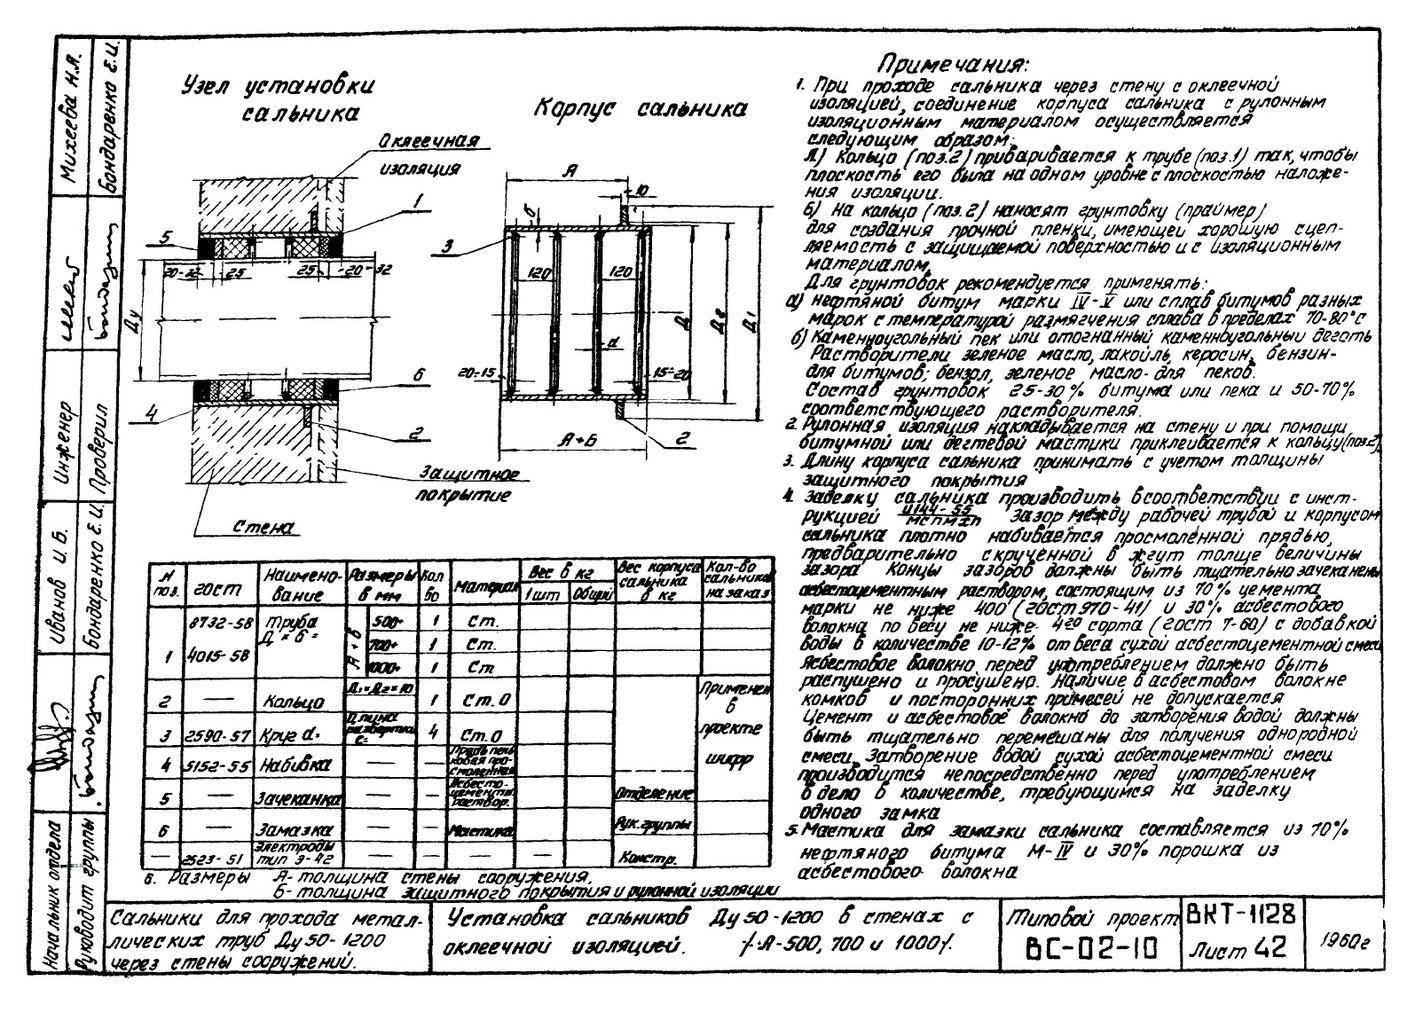 Сальники набивные L = 1000 мм типовой проект ВС-02-10 стр.20